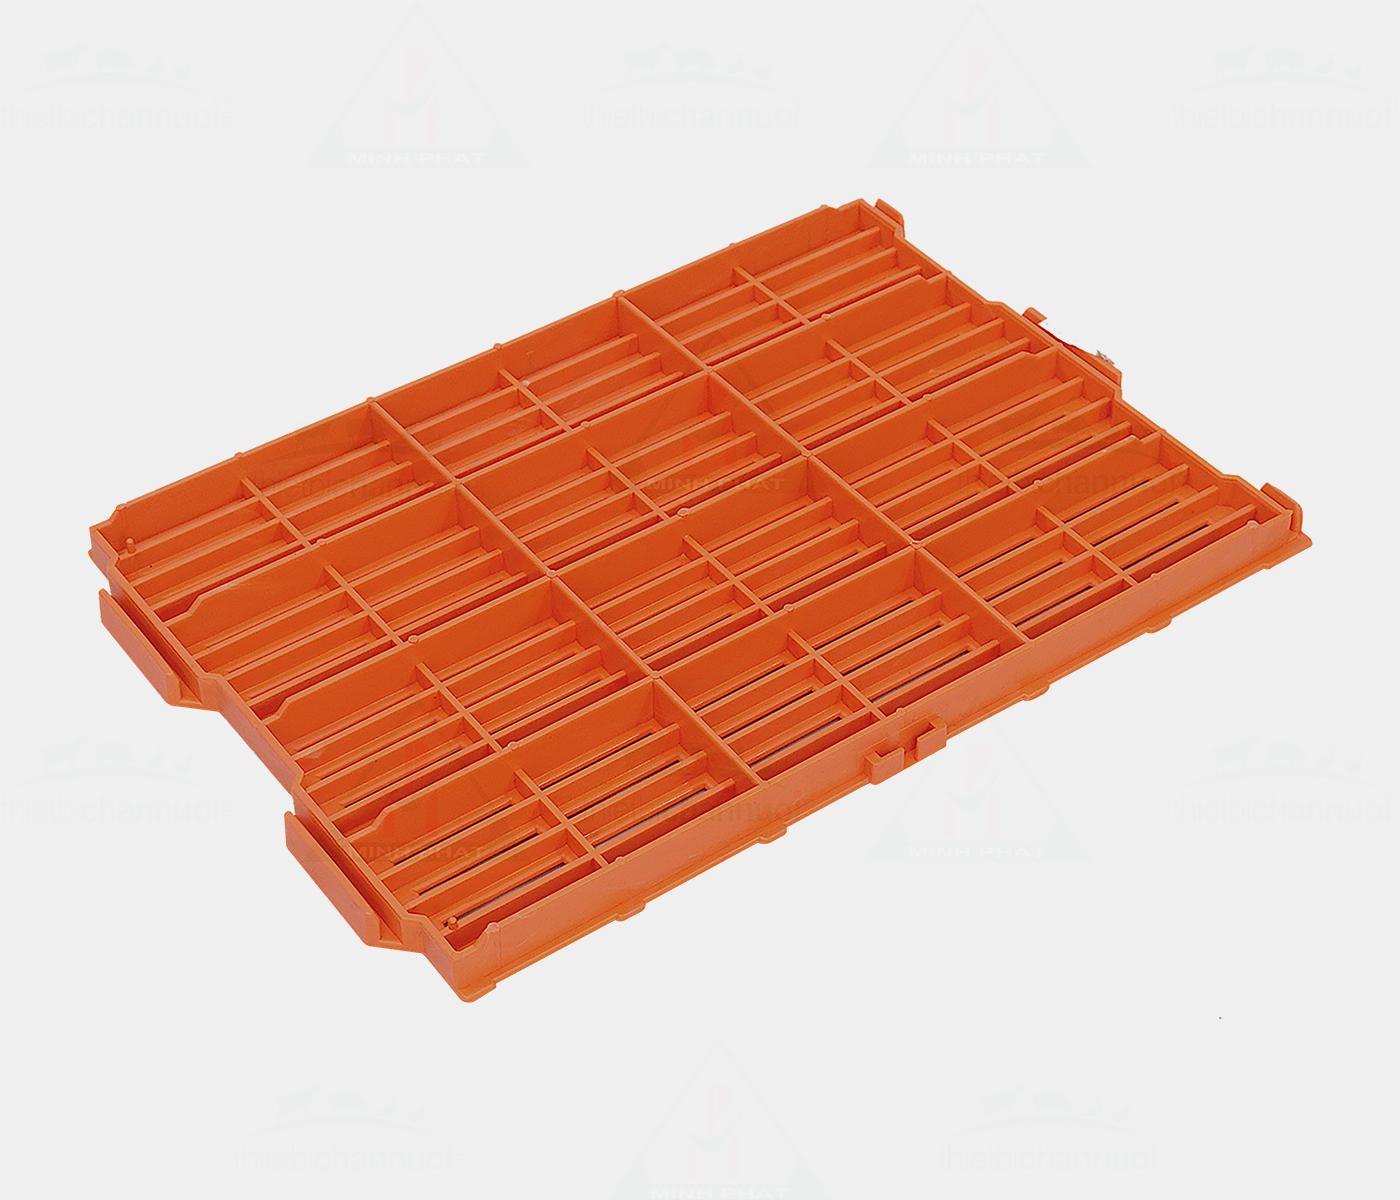 Sàn heo 40x55cm màu cam 1 chốt - SN07